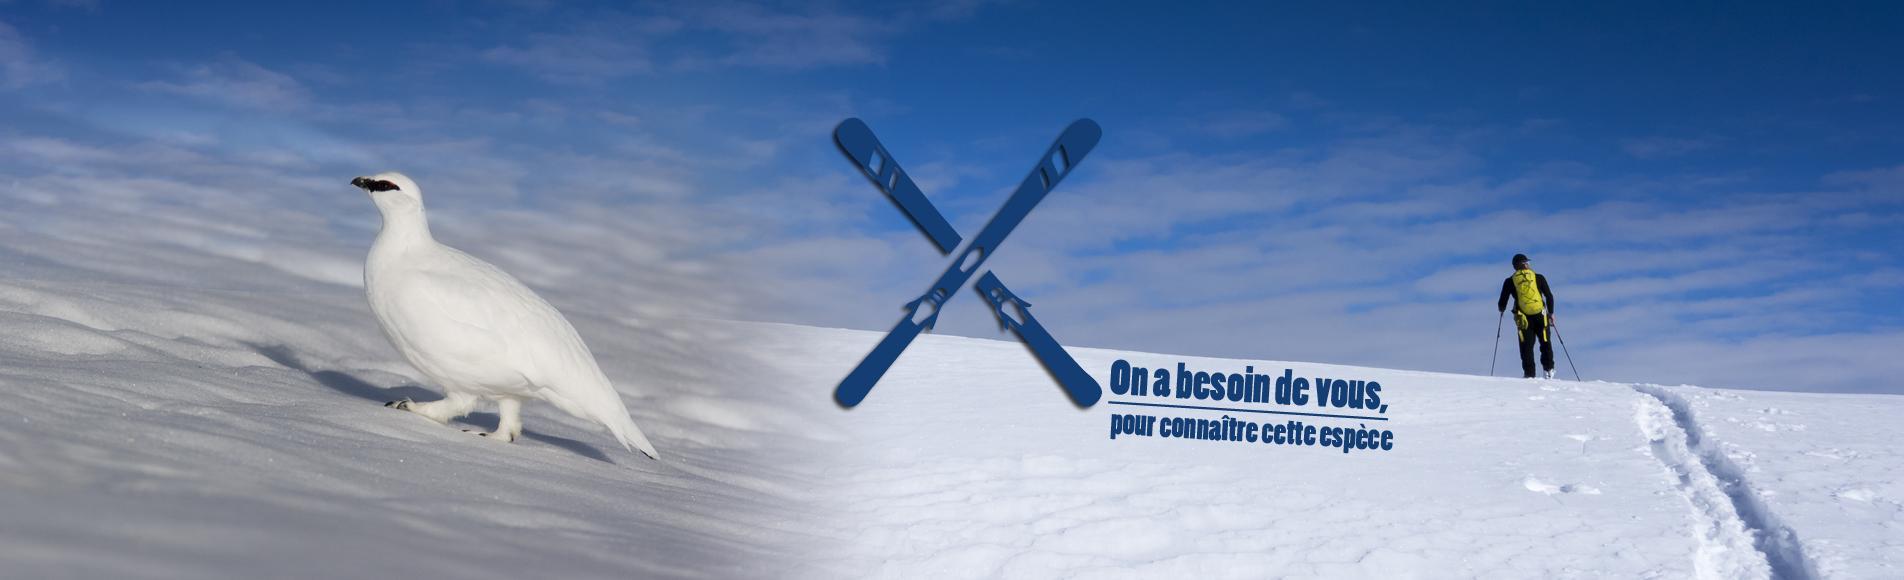 randonnée à ski  © T.Maillet - Lagopède © R.Chevalier - Parc national des Écrins